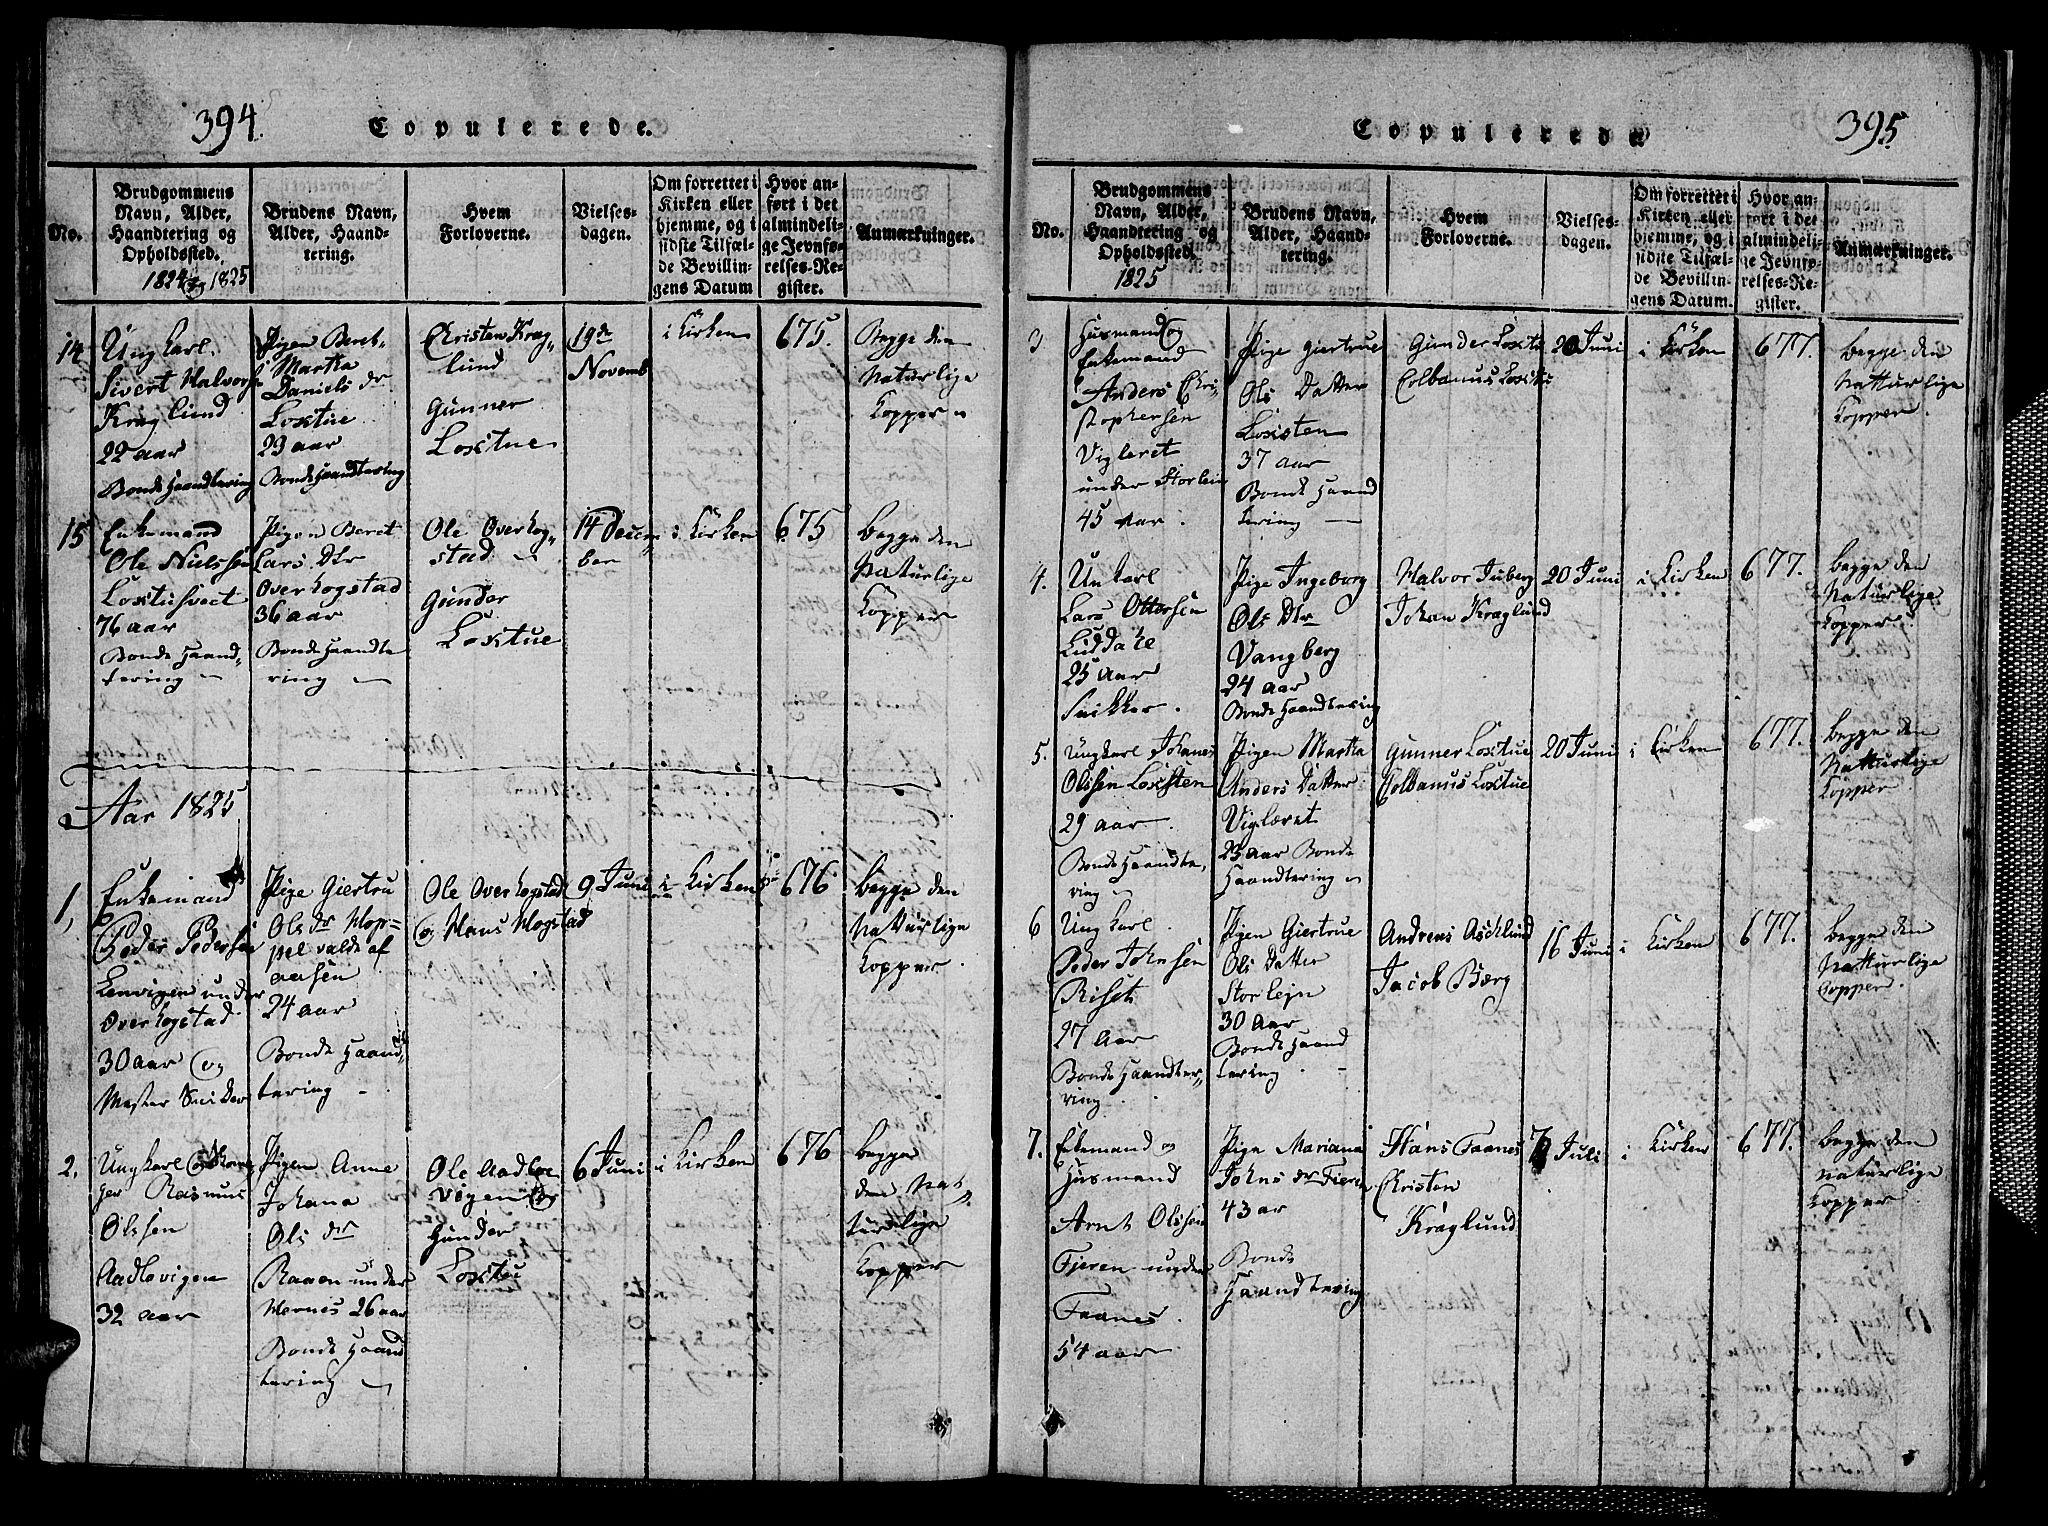 SAT, Ministerialprotokoller, klokkerbøker og fødselsregistre - Nord-Trøndelag, 713/L0124: Klokkerbok nr. 713C01, 1817-1827, s. 394-395